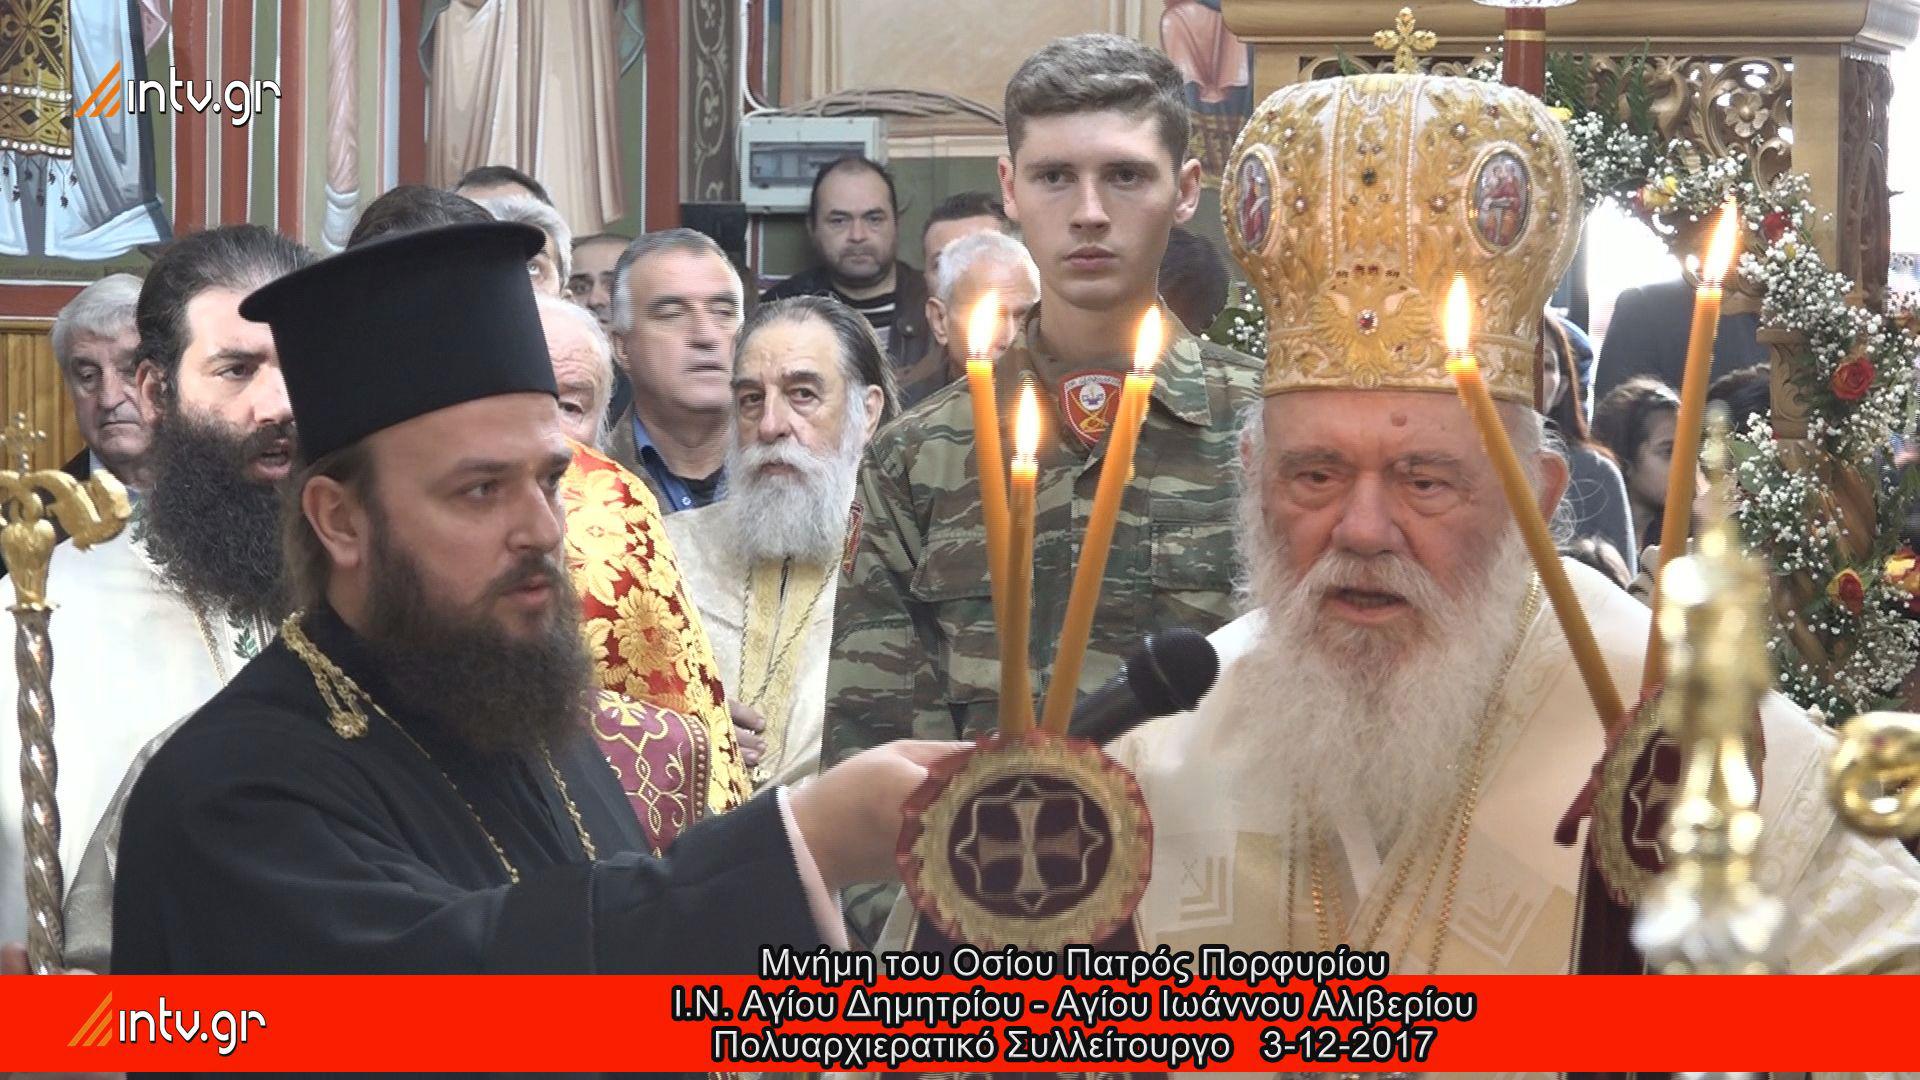 Μνήμη του Οσίου Πατρός Πορφυρίου - Ι.Ν. Αγίου Δημητρίου - Αγίου Ιωάννου Αλιβερίου - Πολυαρχιερατικό Συλλείτουργο 2017